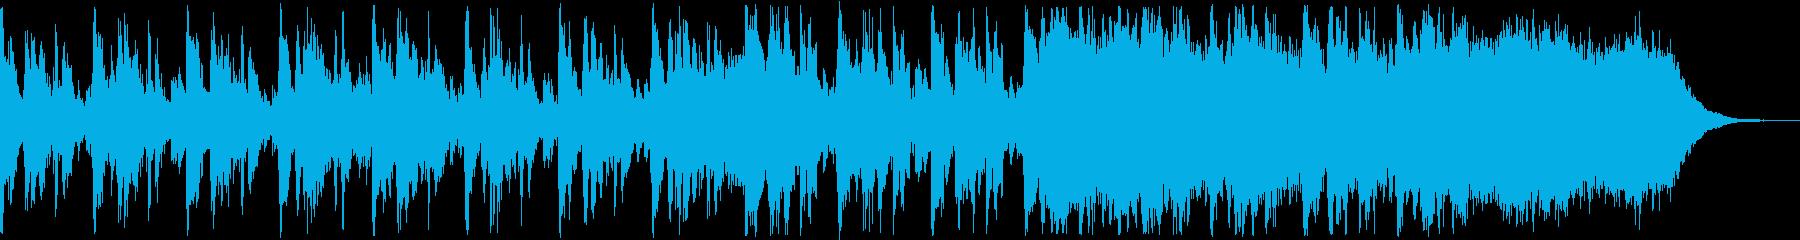 マーチング風の知的なBGMの再生済みの波形